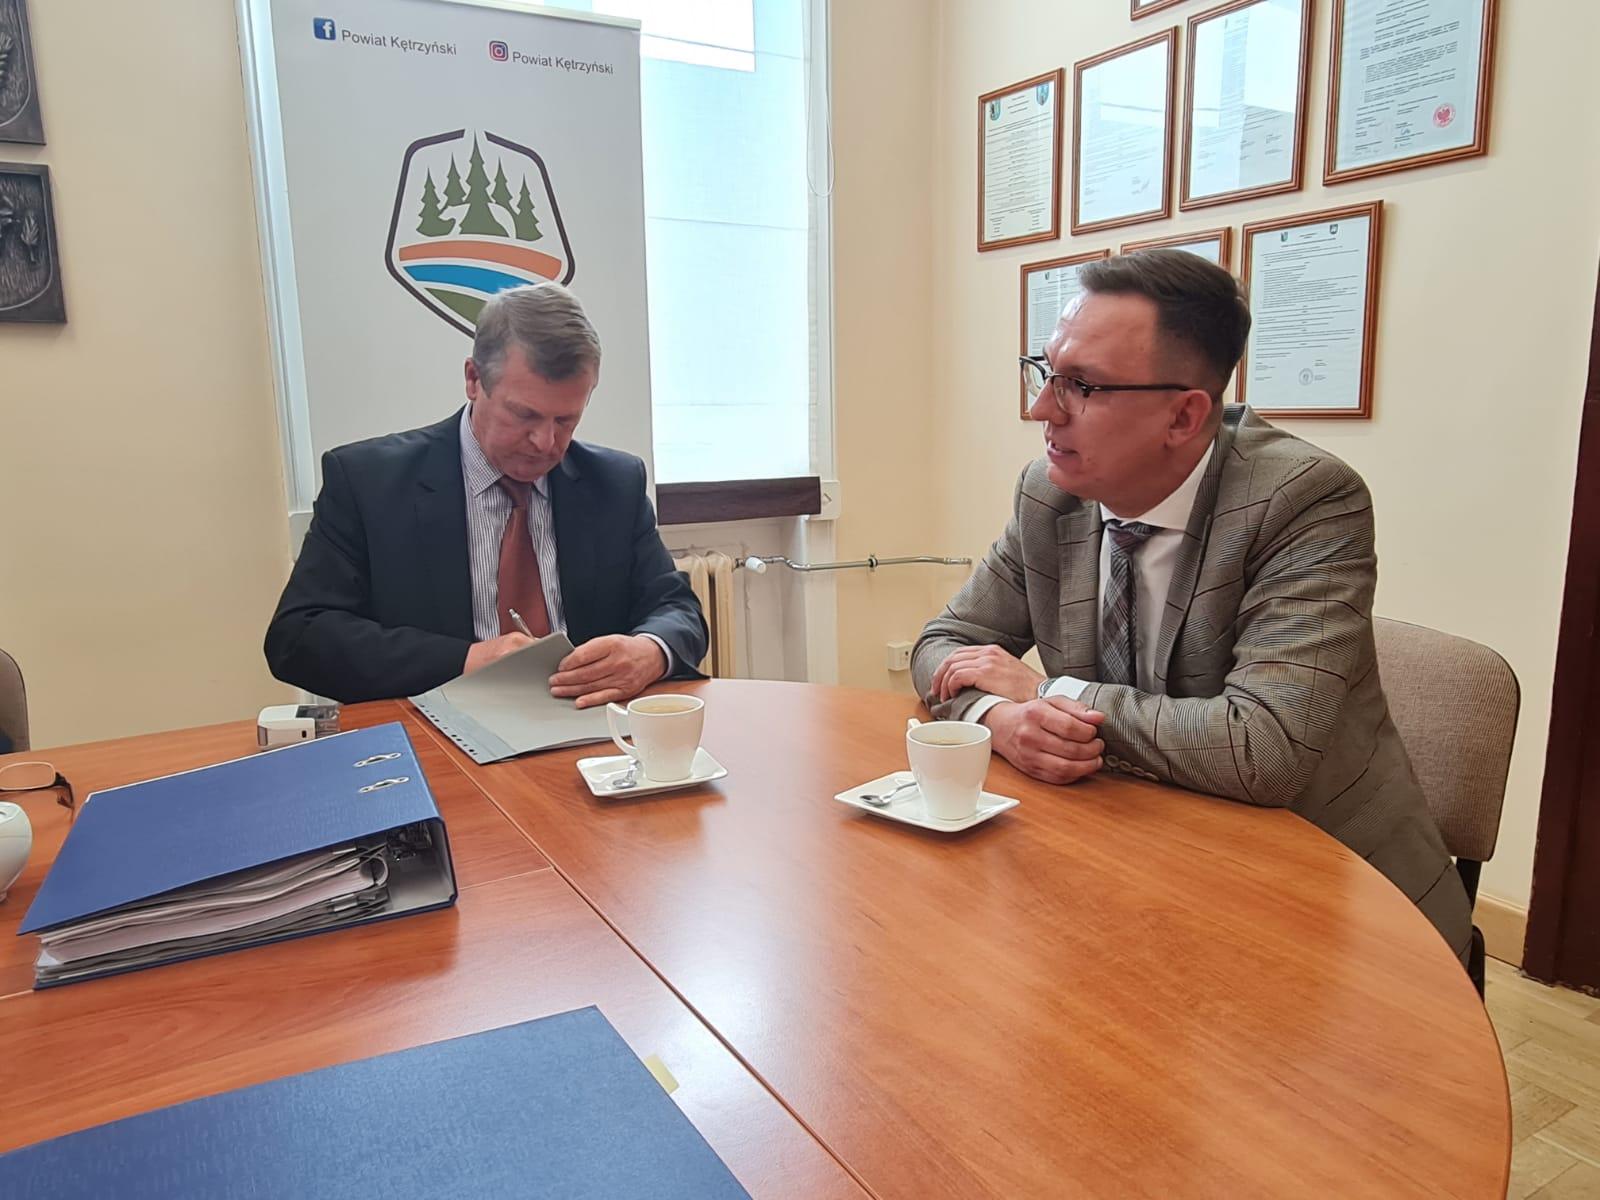 zdjęcie przedstawia właściciela firmy Dariusza Załuskiego